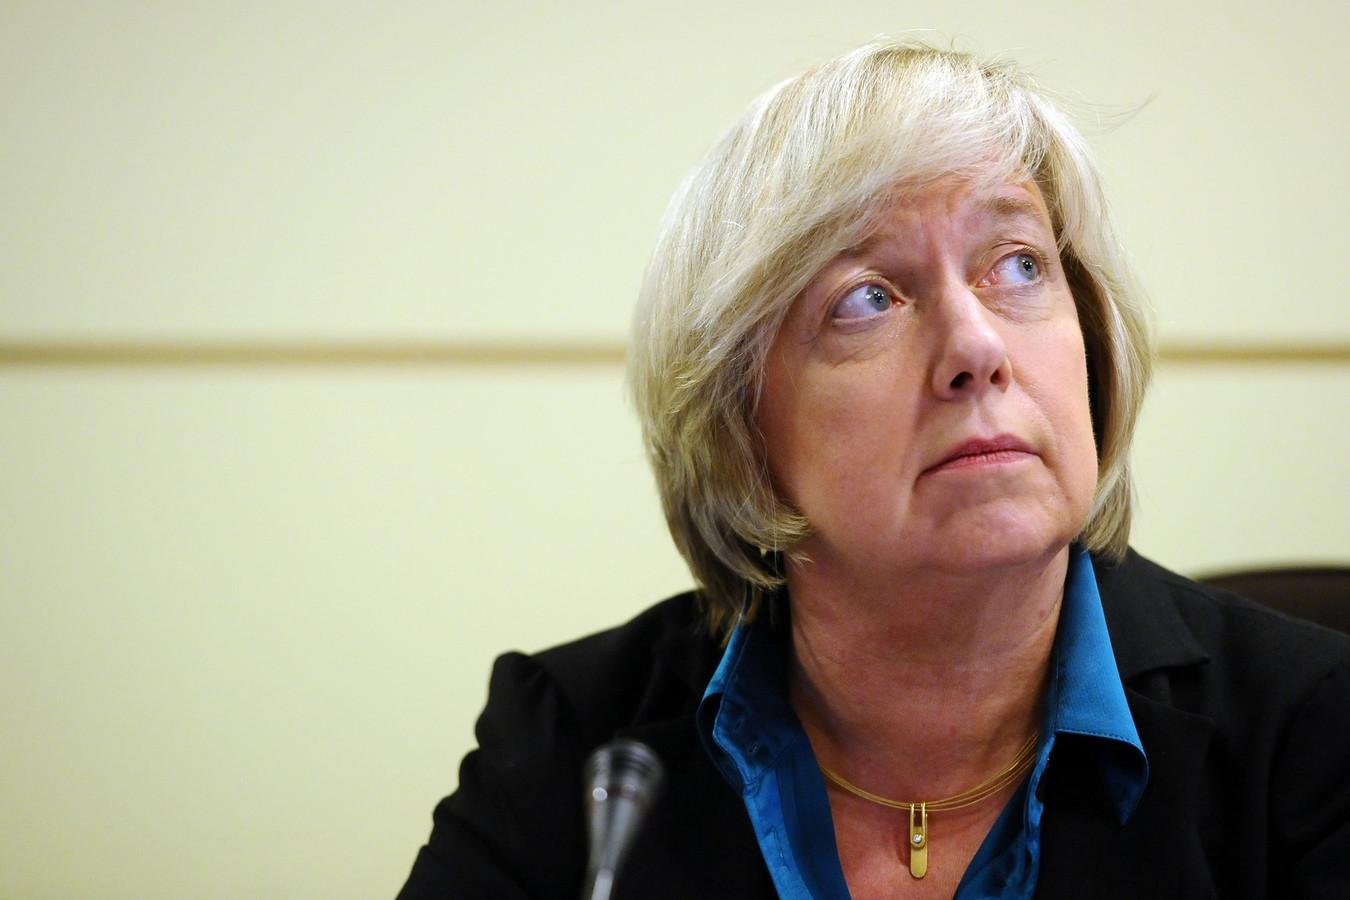 Francine Swiggers, destijds topvrouw van Arco, heeft gedreigd een schadevergoeding te eisen van elke Arco-spaarder die tegen haar procedeert.